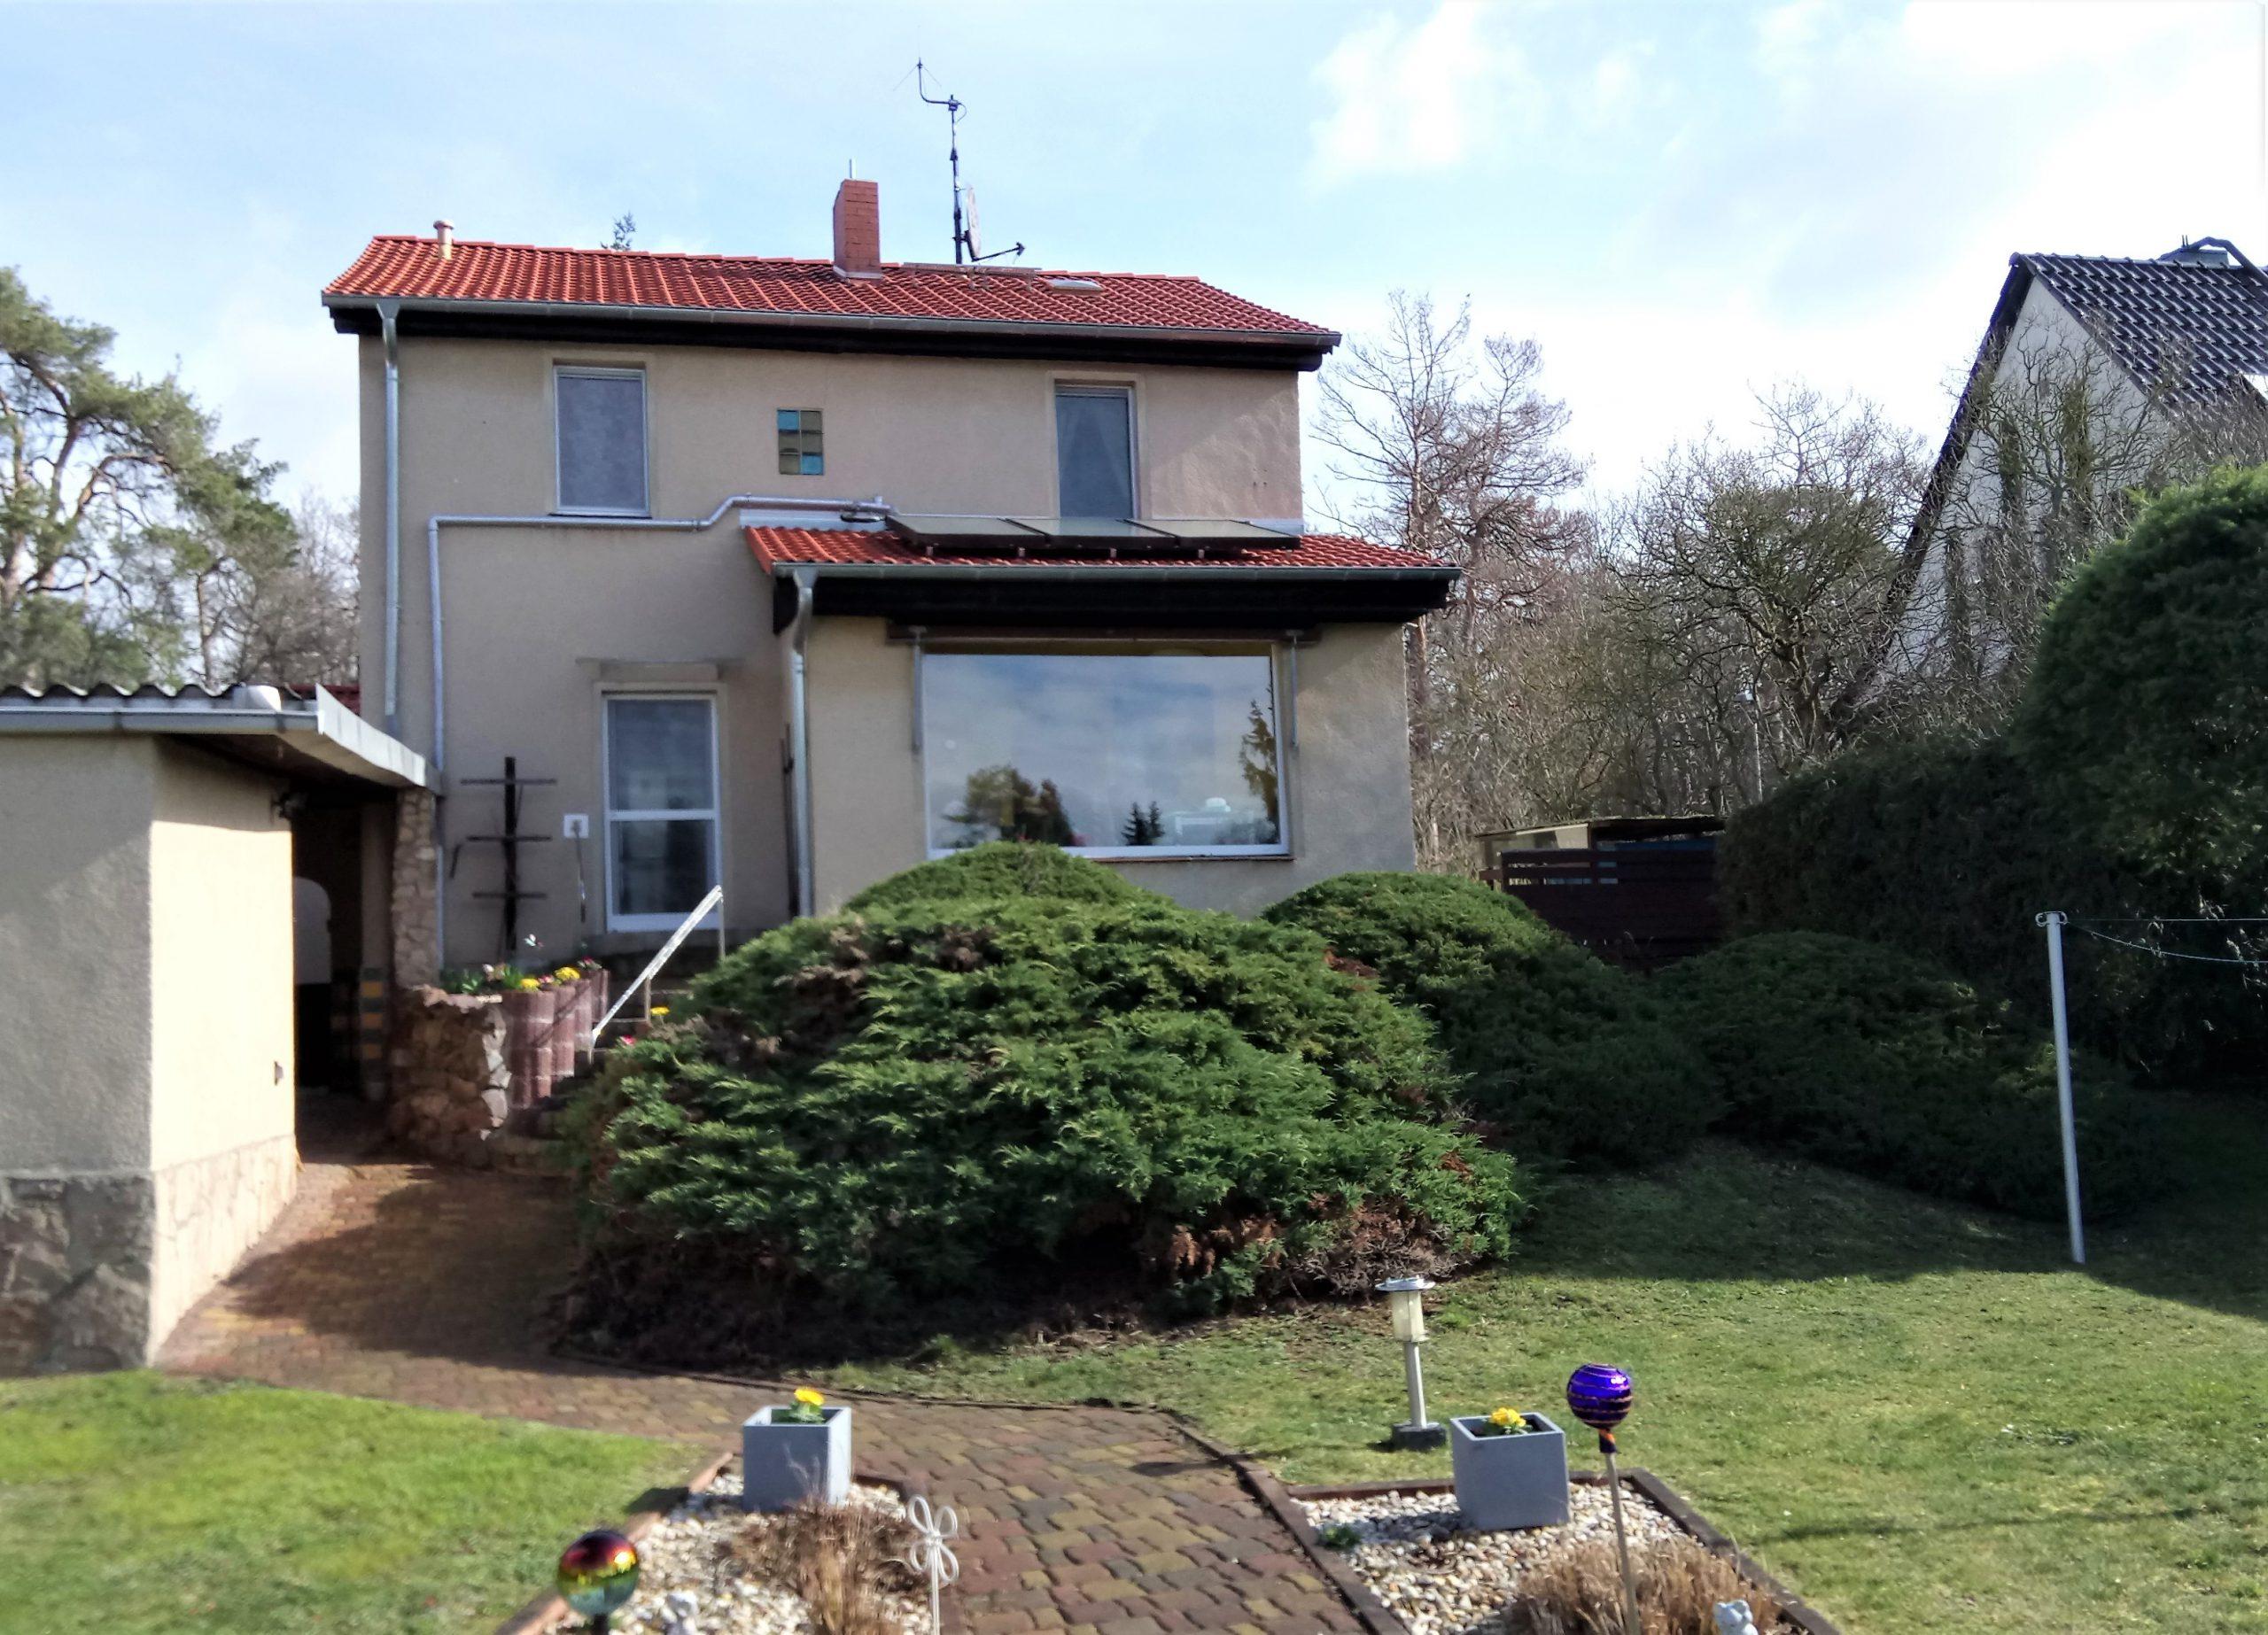 Einfamilienhaus Kröllwitz - Blick vom Garten